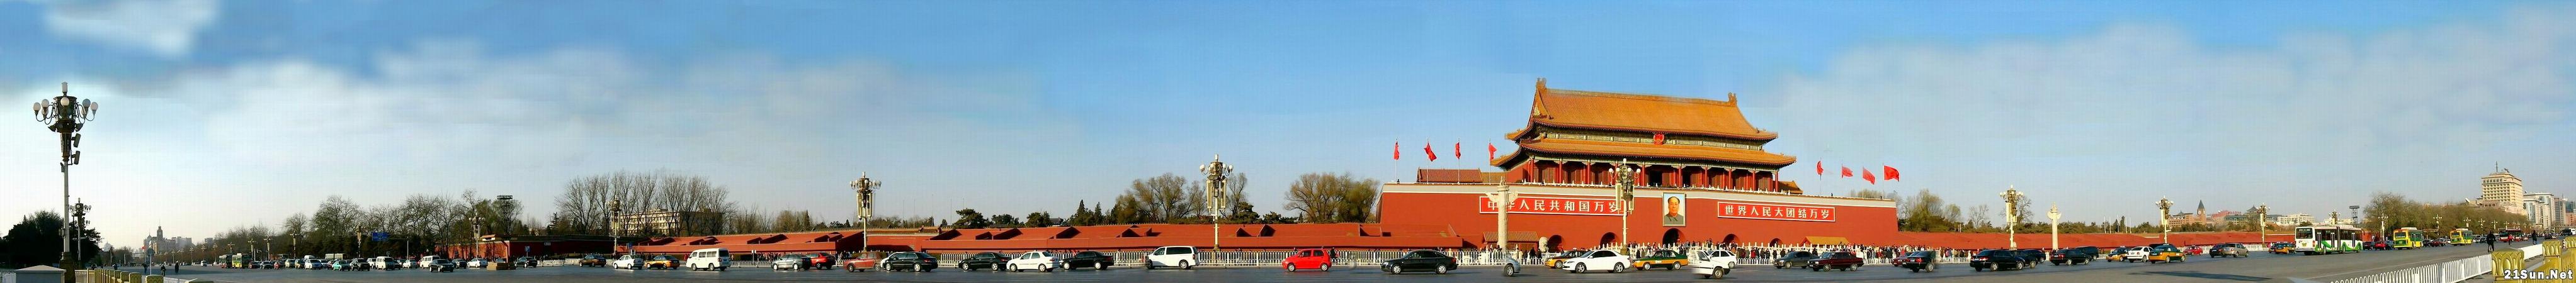 天安门(长安街)全景 - 长城 - 长城的博客http://jsxhscc.